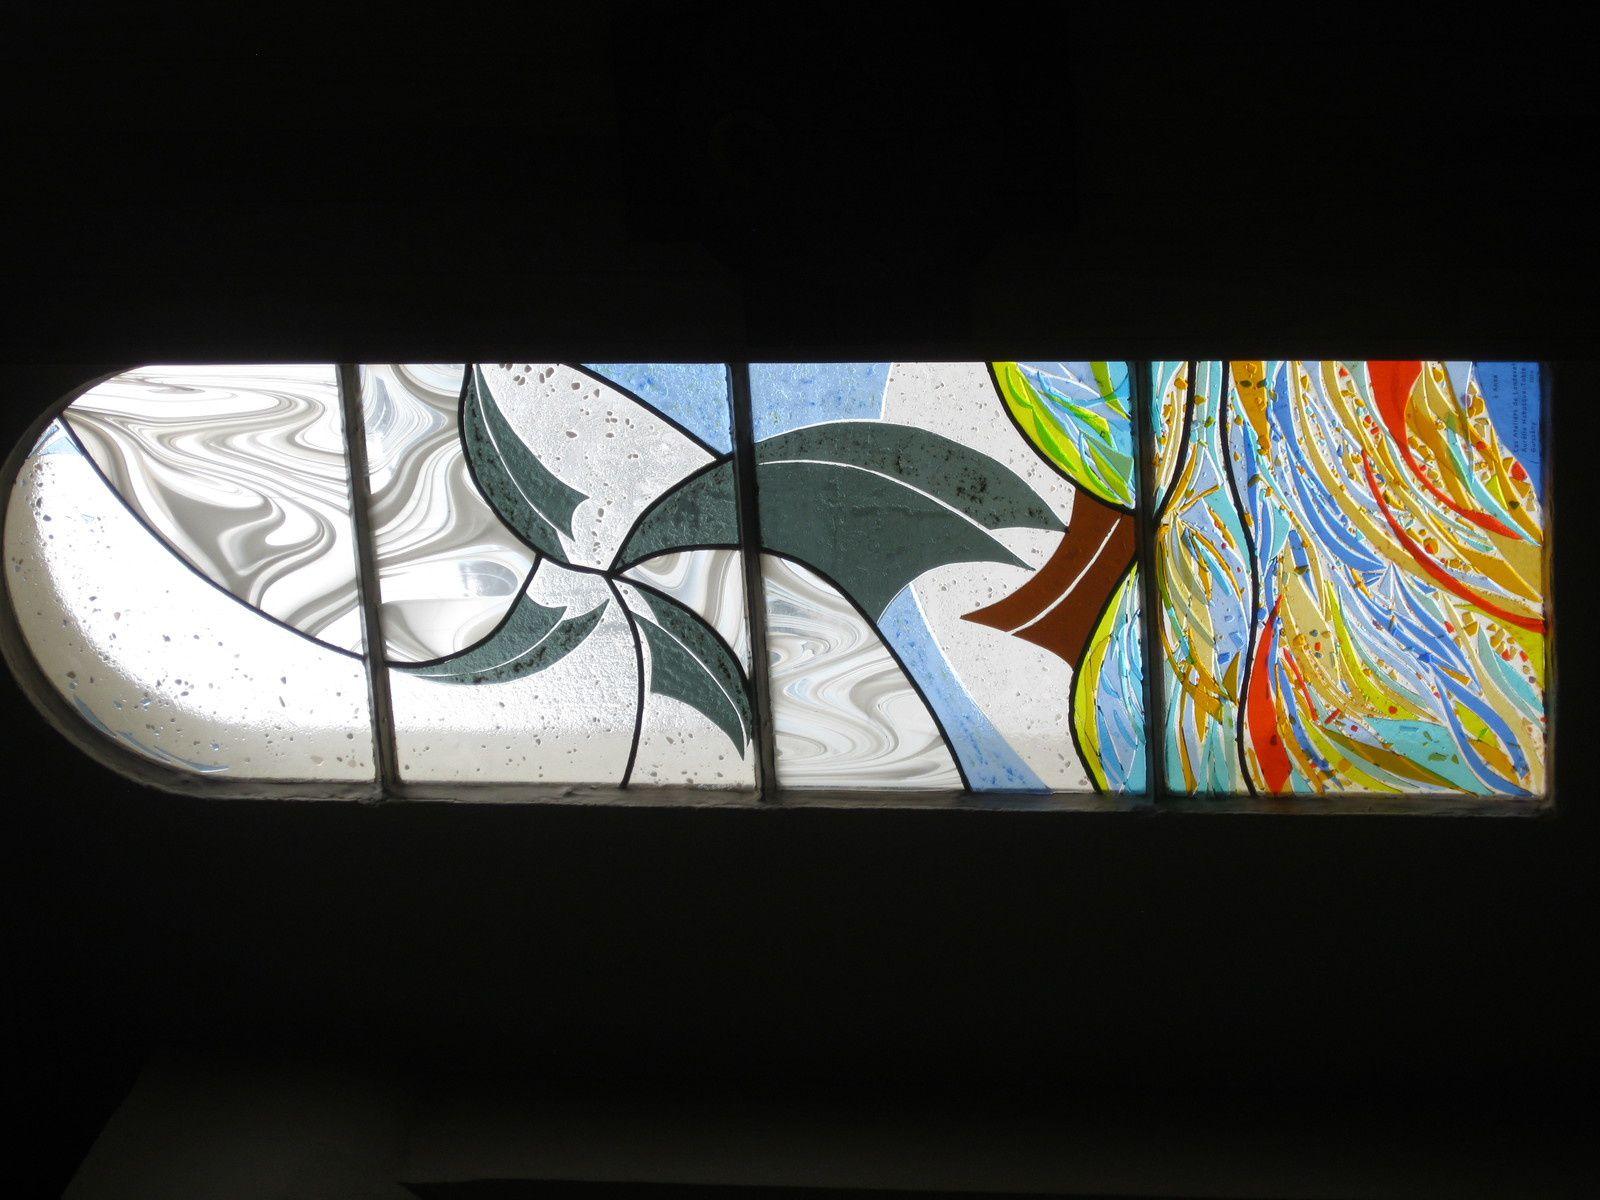 Les vitraux installés à la chapelle Ste Anne à la Turballe